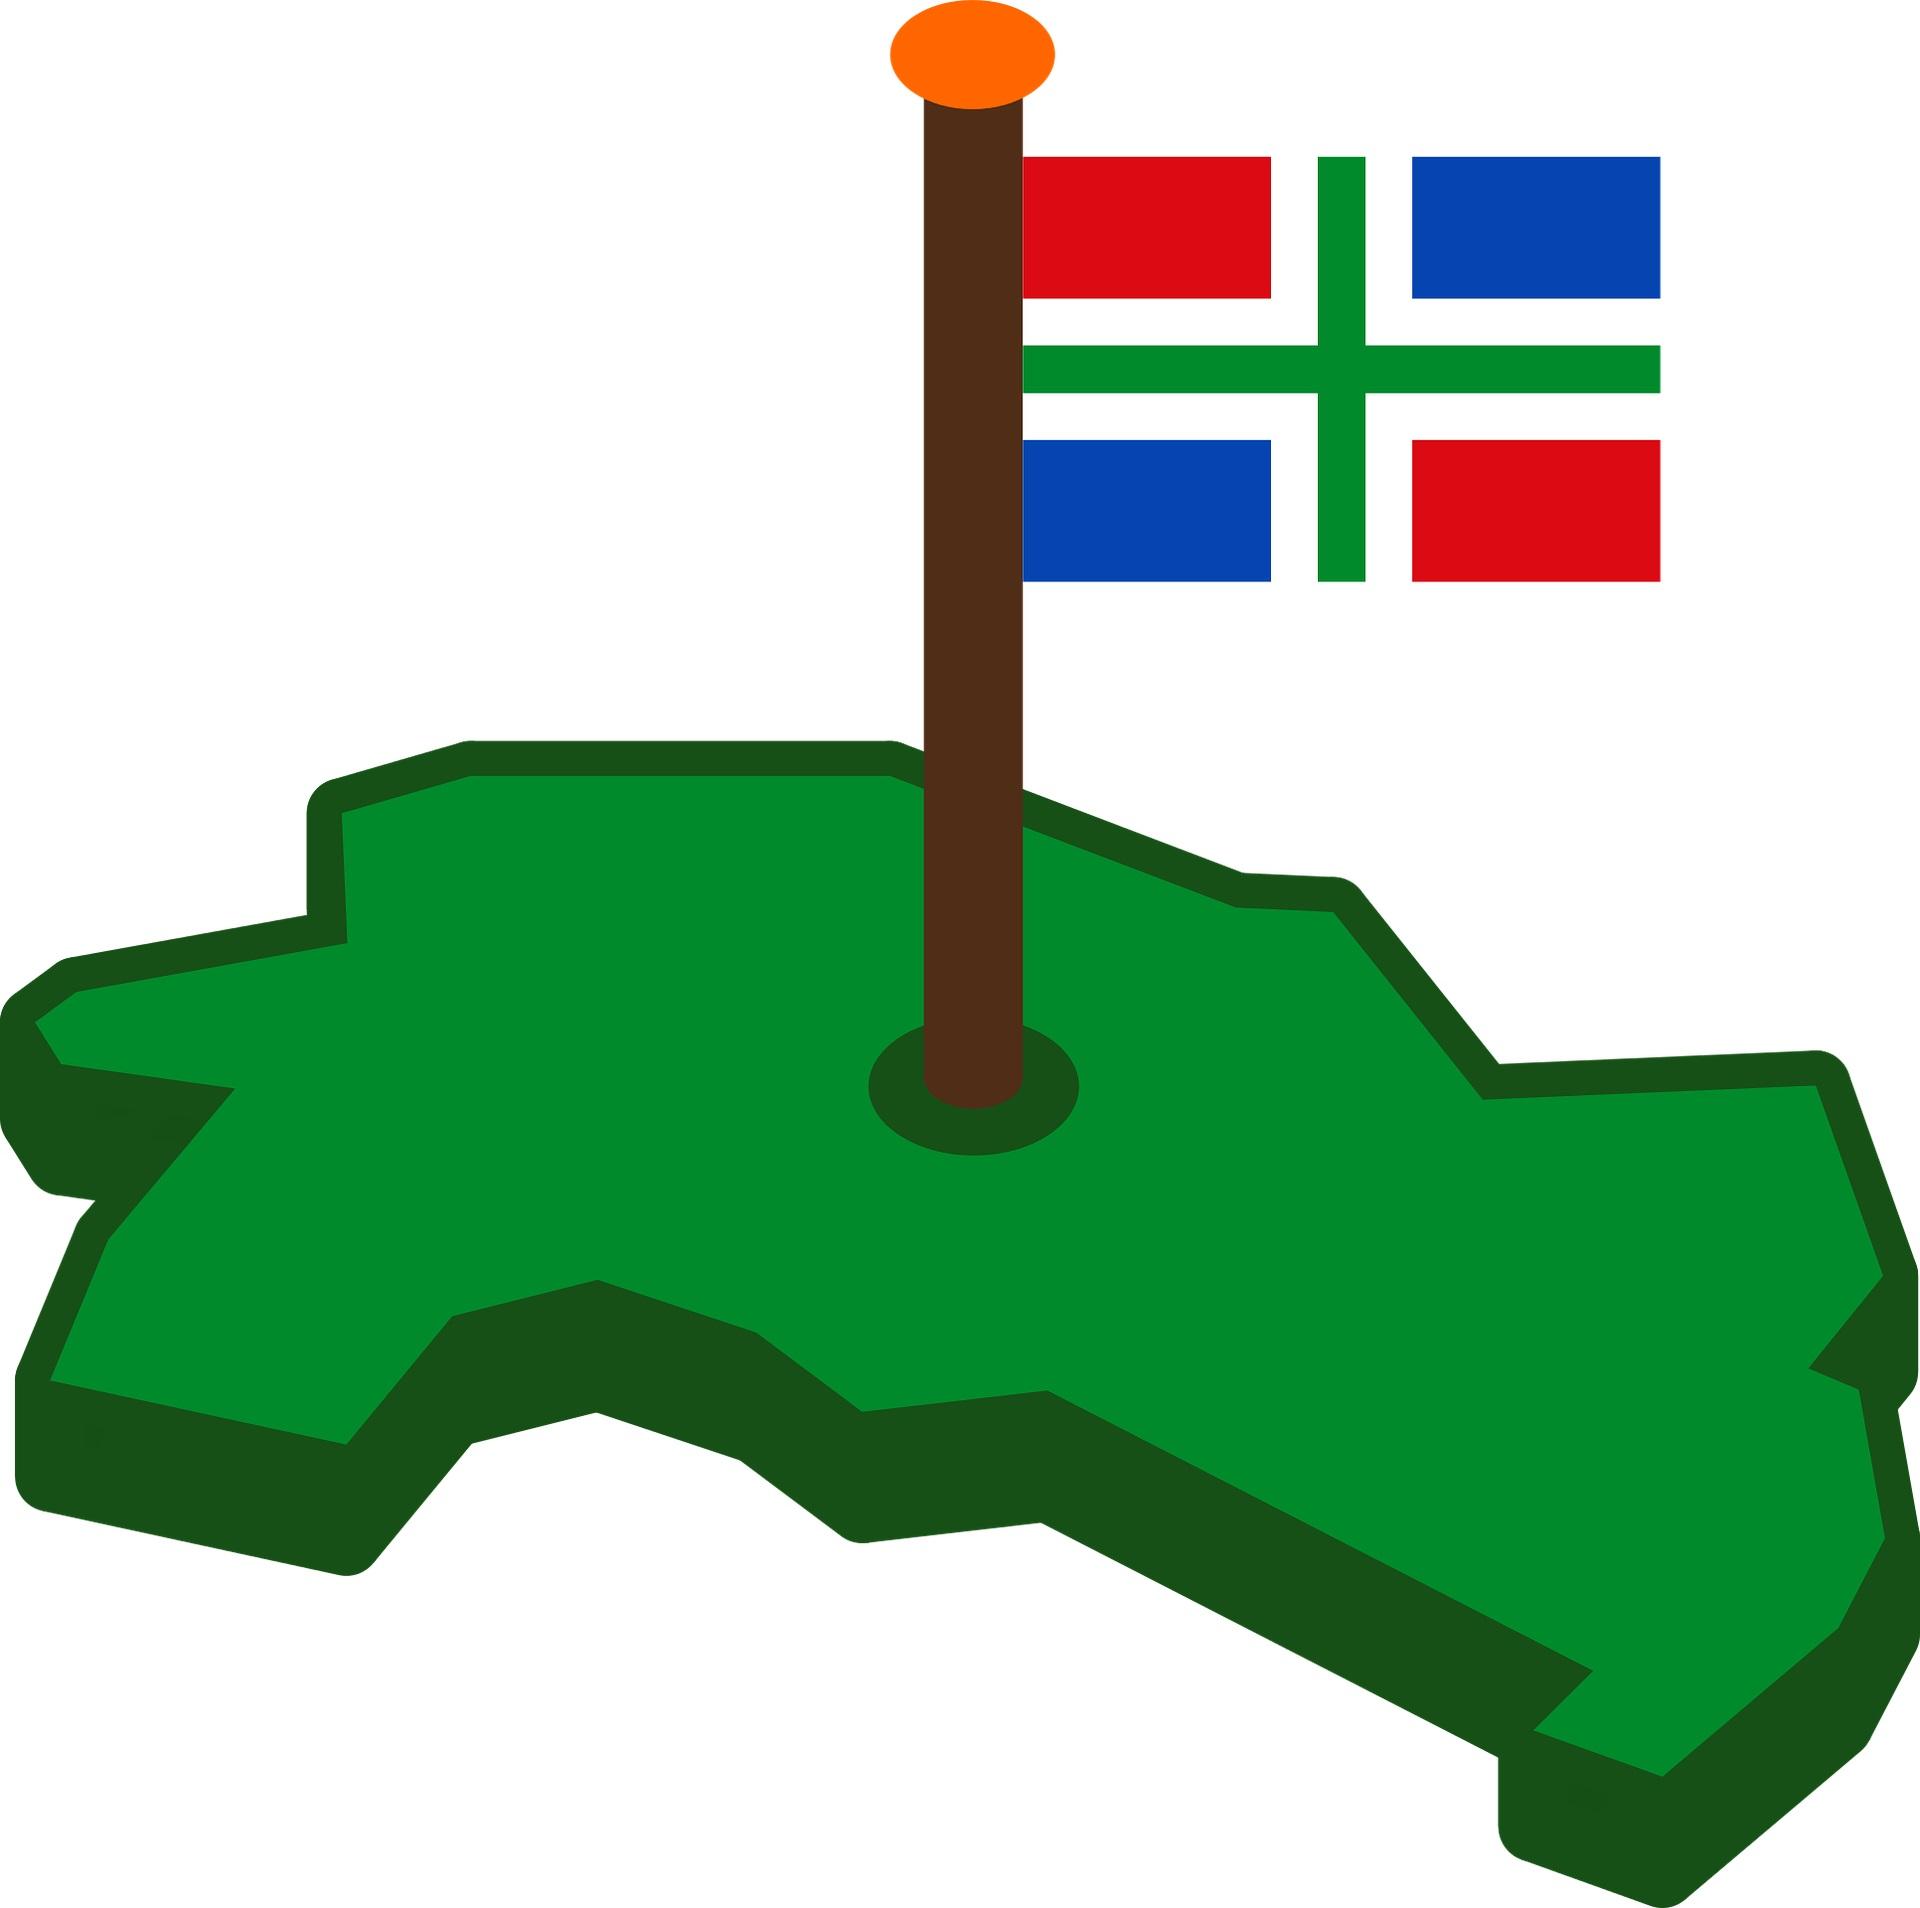 Kaart en vlag van Groningen - Beeld: Pixabay c.c.